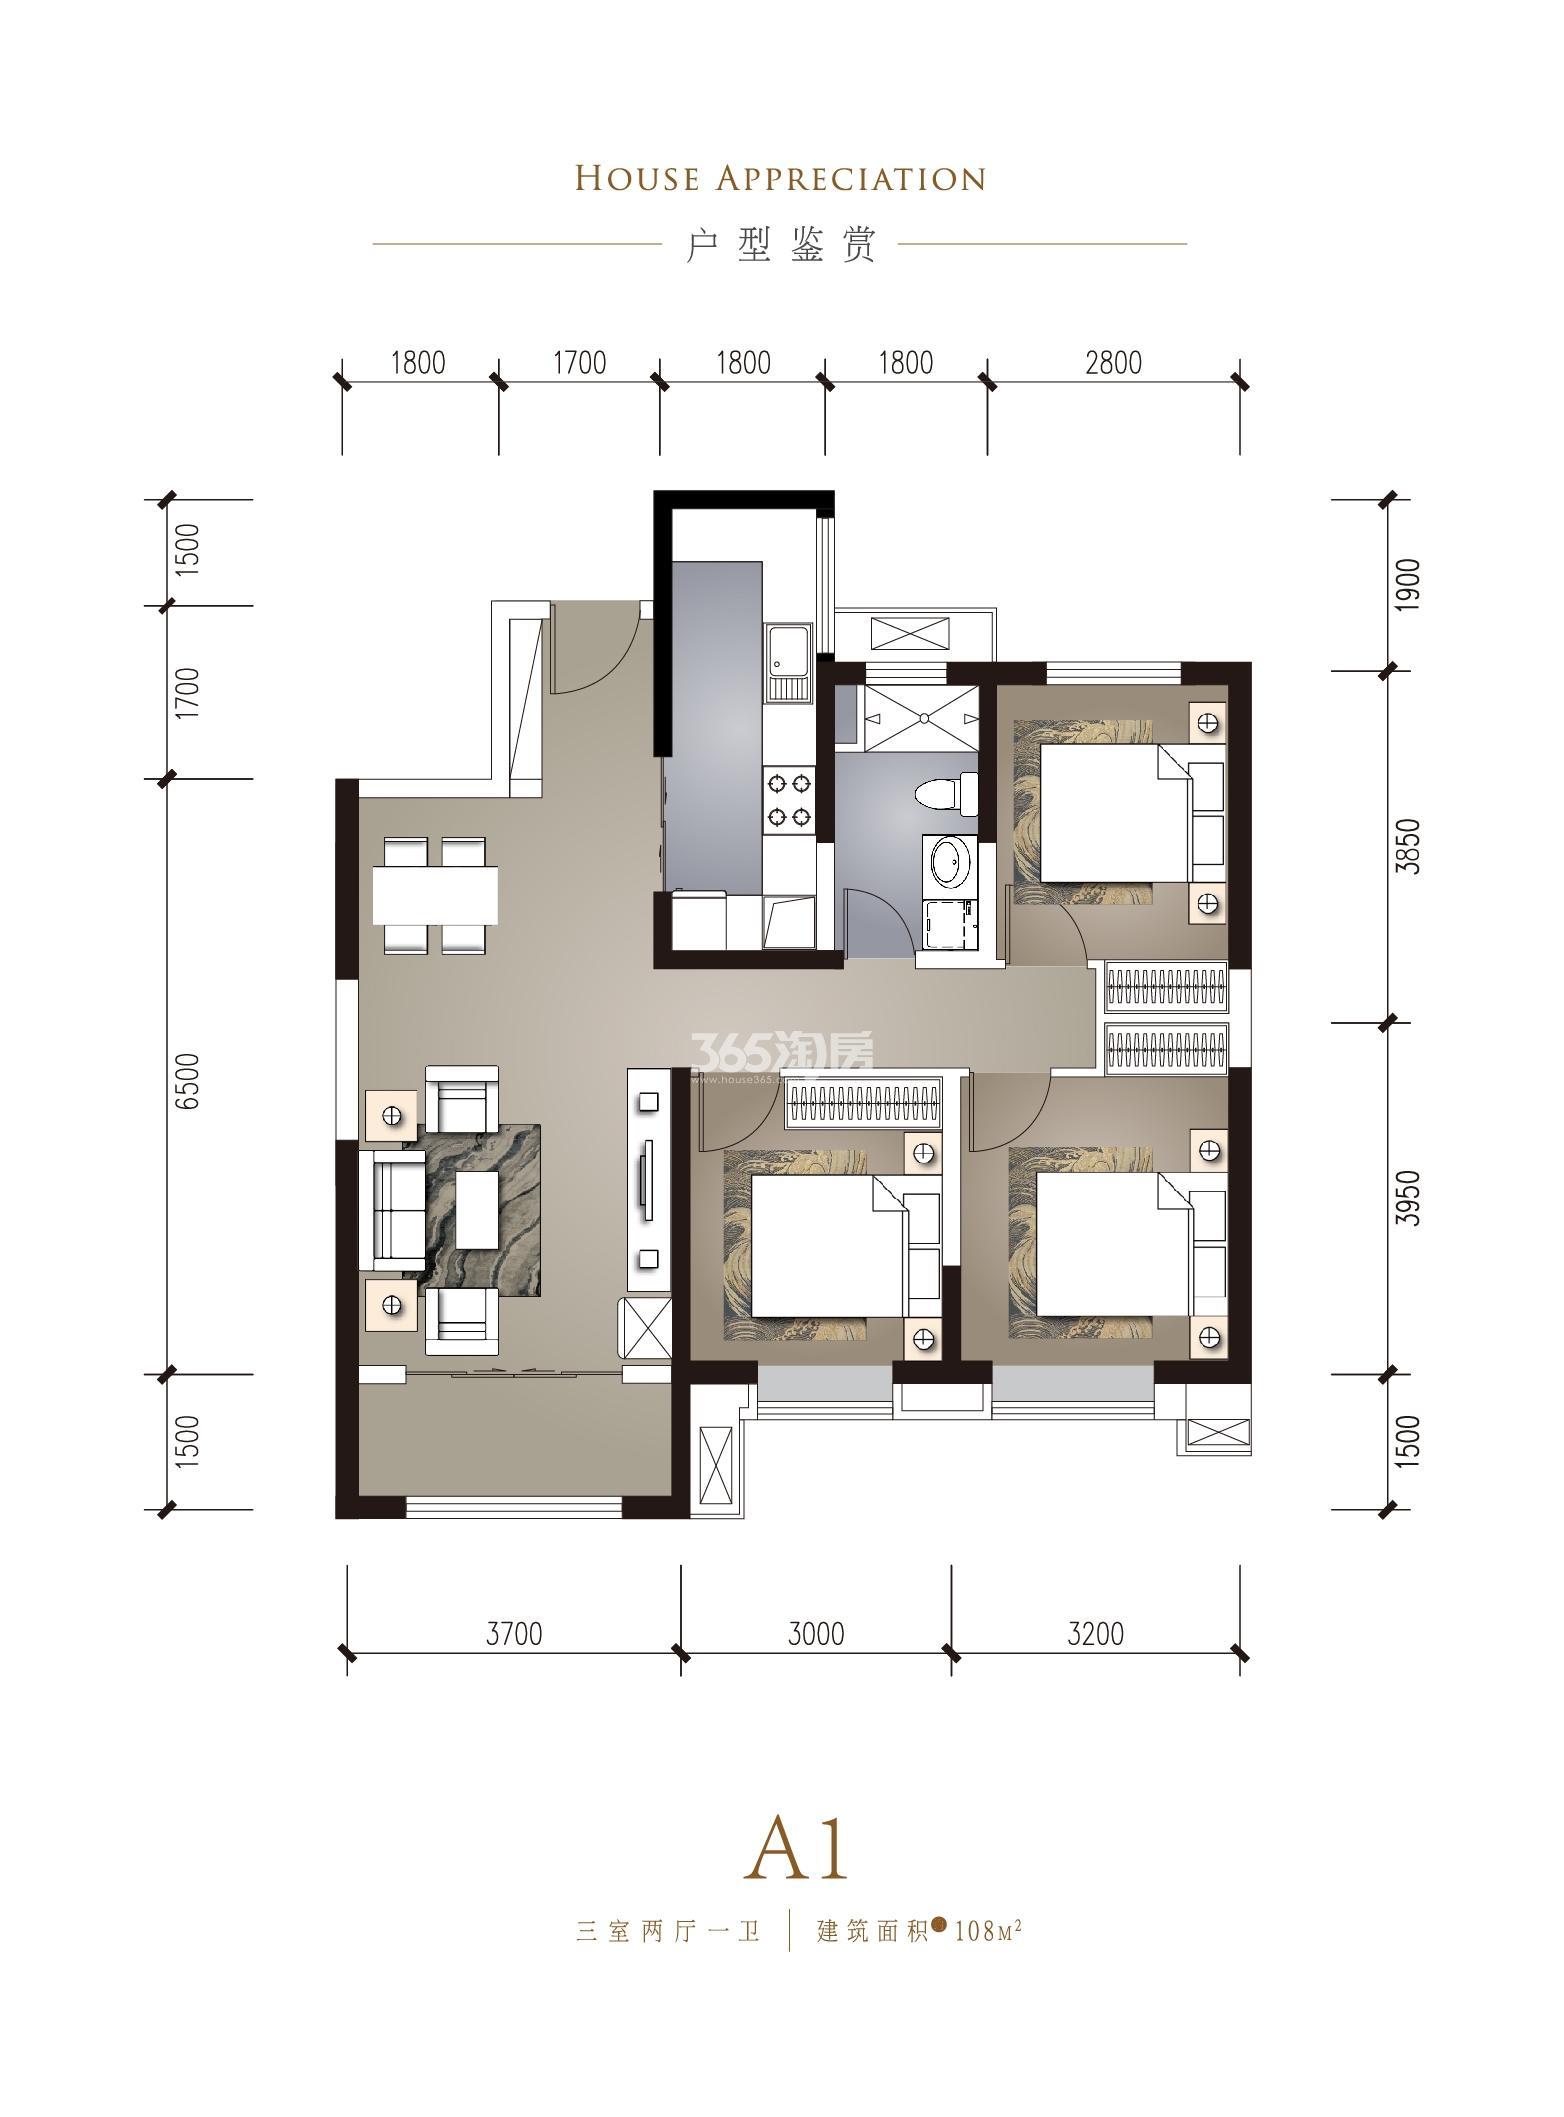 华润置地·誉澜山 三室两厅一卫 建筑面积约108㎡